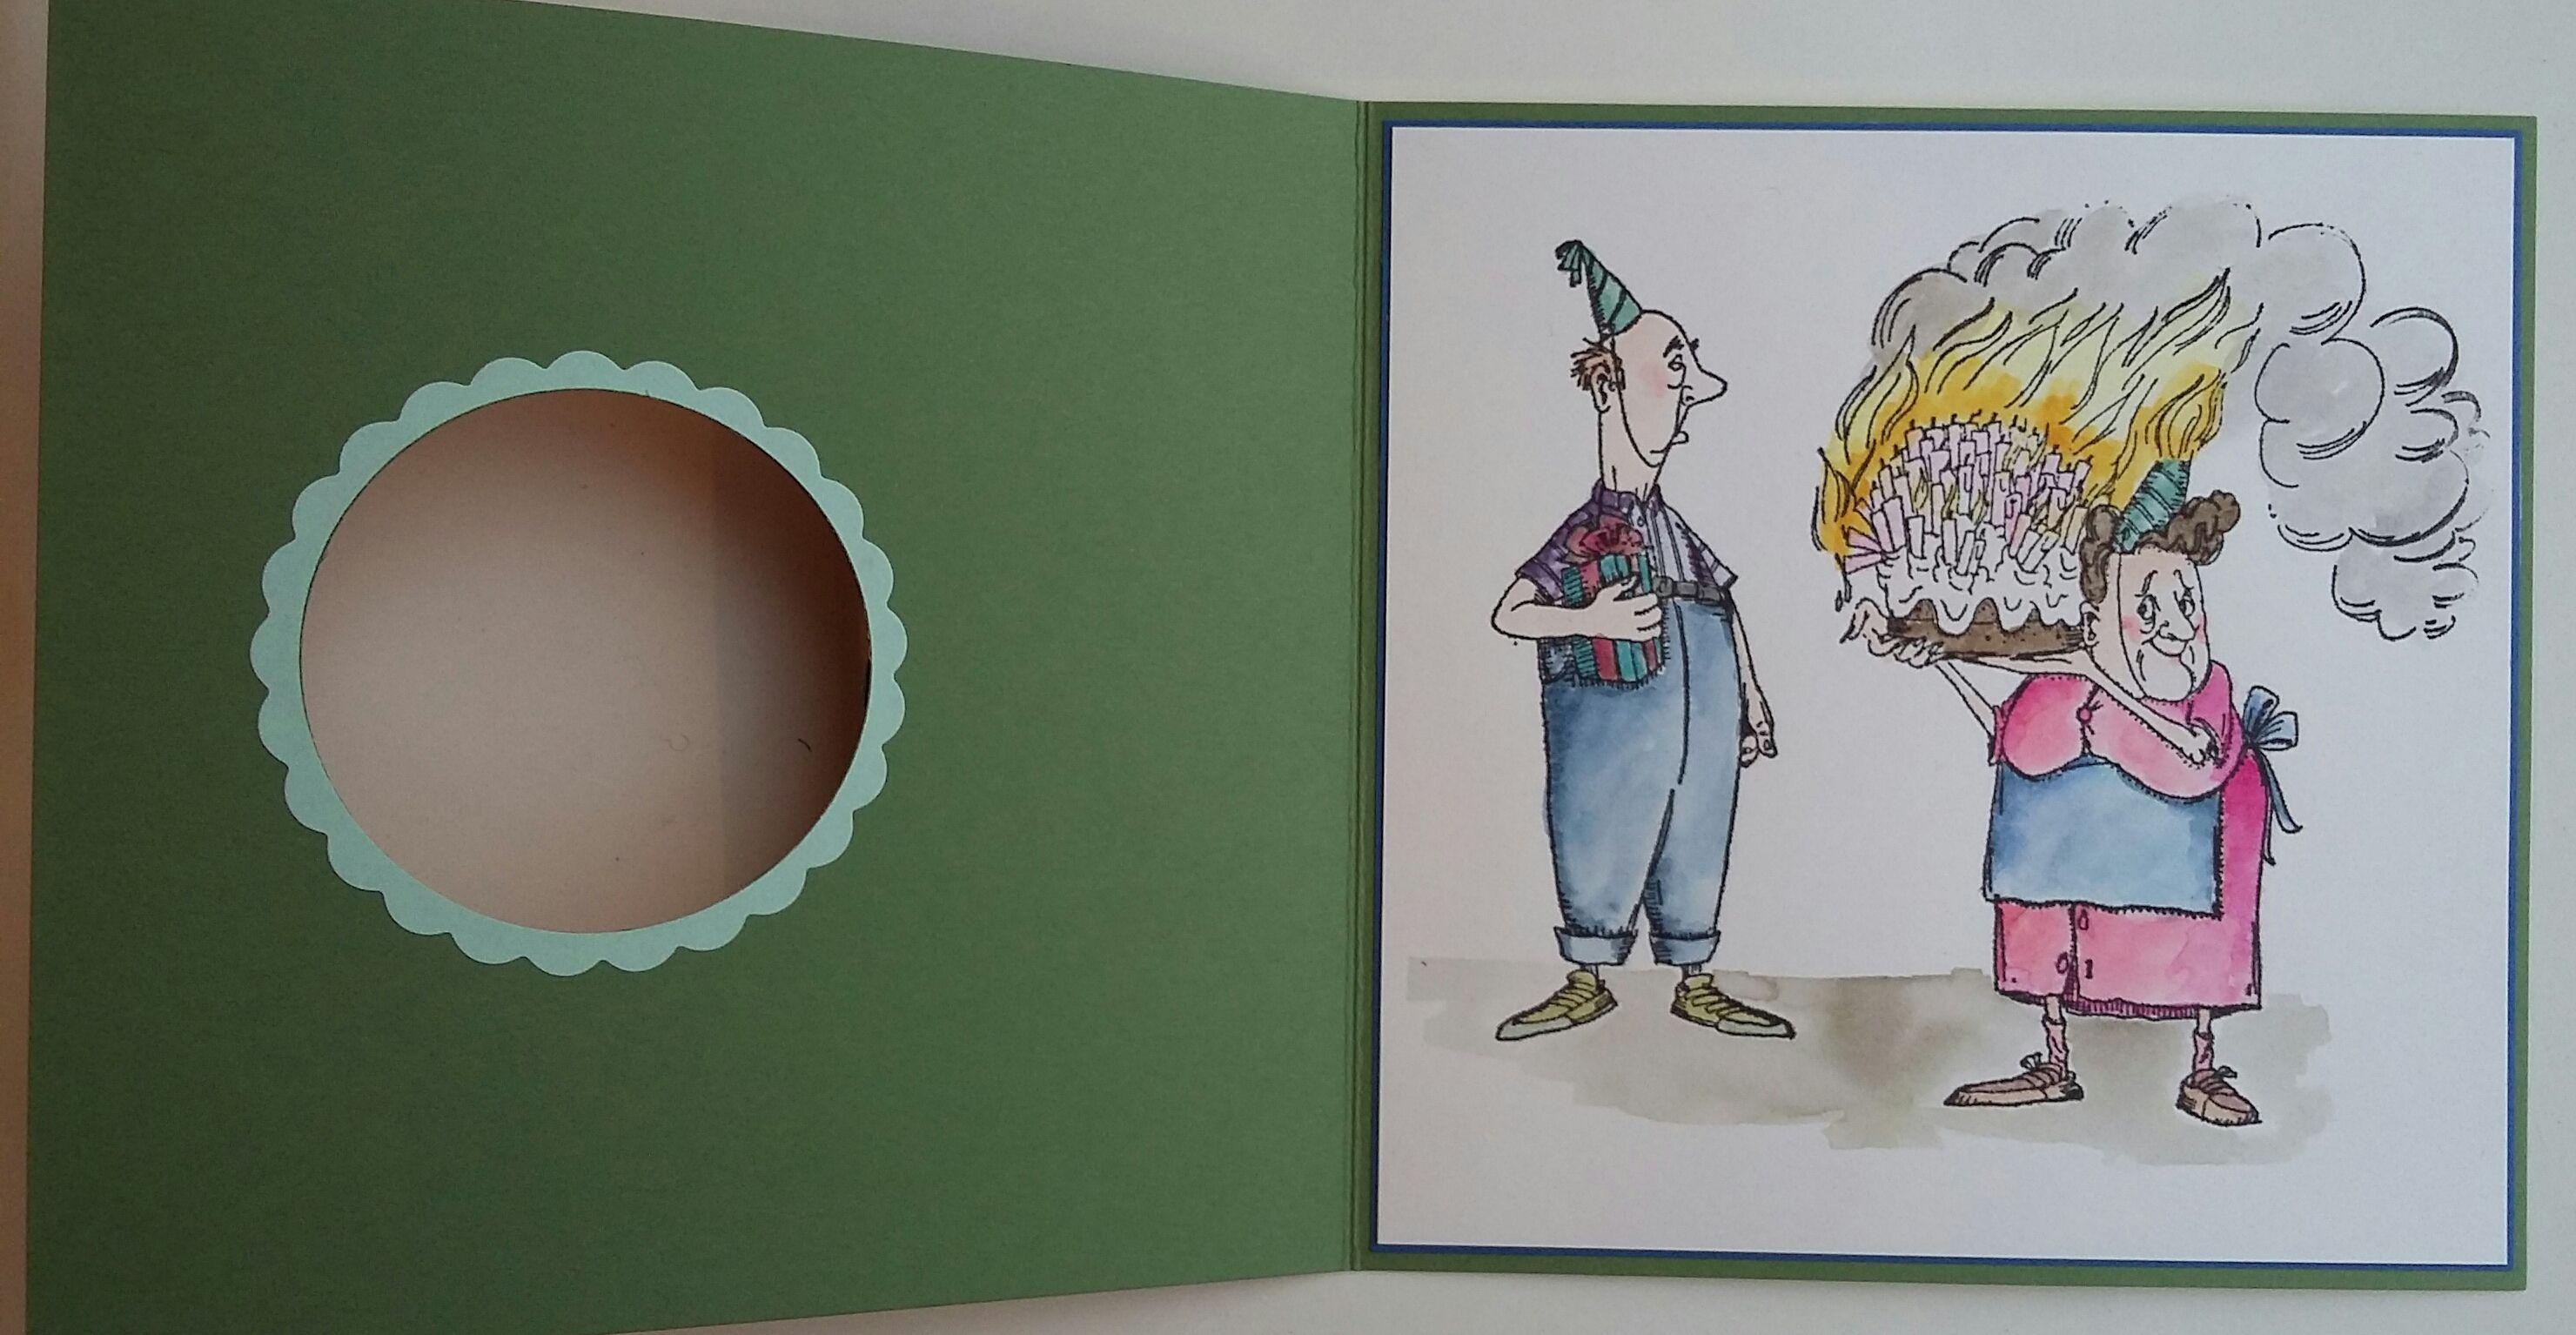 Hutton's arts and crafts handmade birthday card käsintehty syntymäpäivä kortti Art Impressions